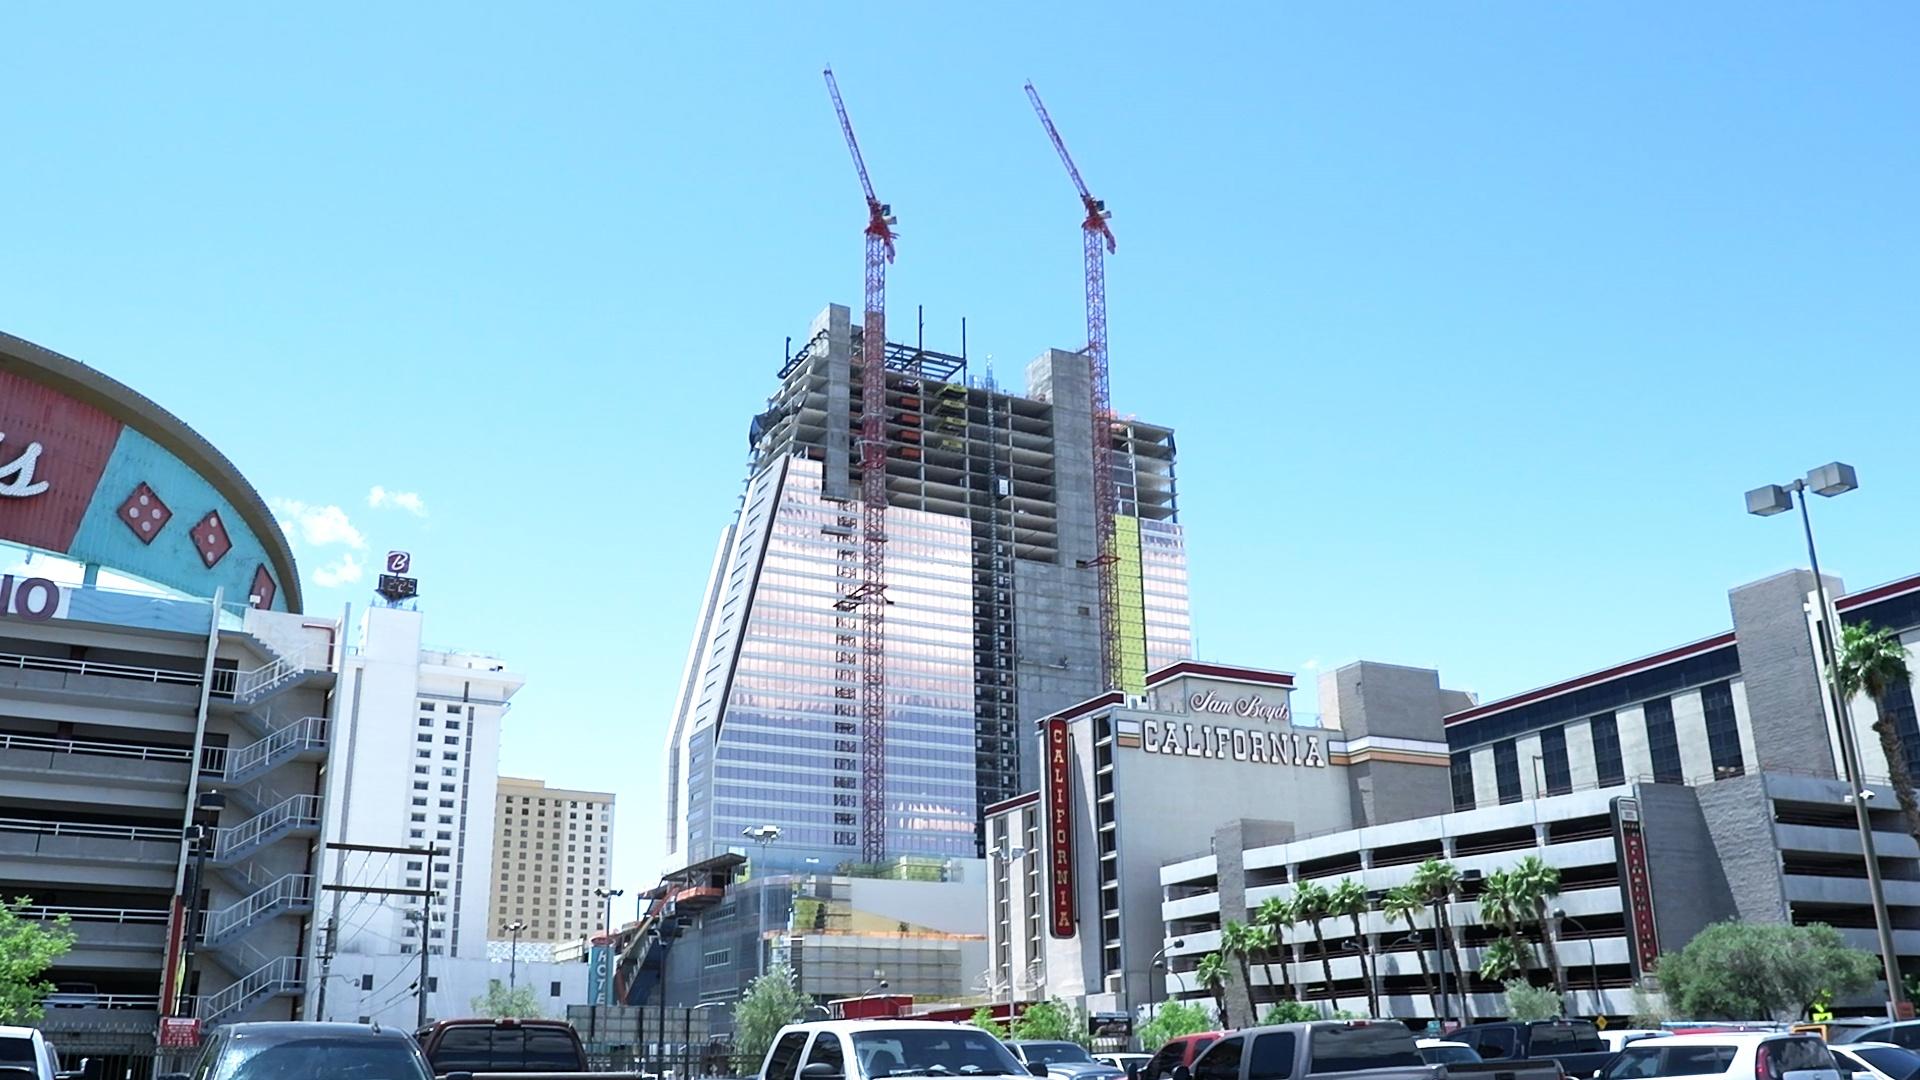 A resort being built in Las Vegas